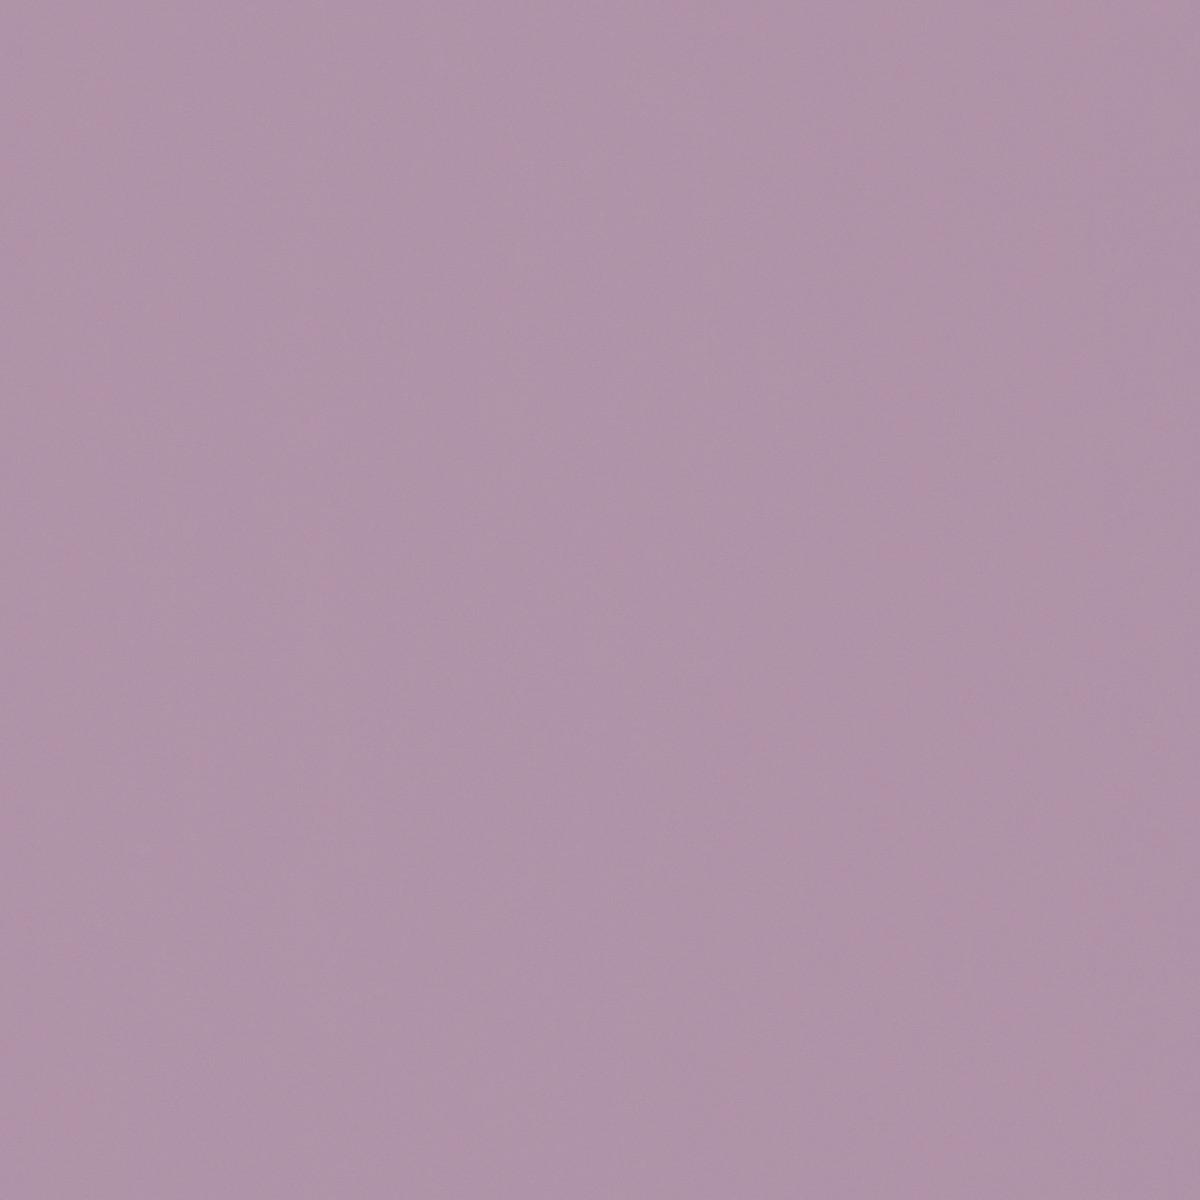 Обои флизелиновые Trend Color Fine Line фиолетовые TC71569-65 1.06 м